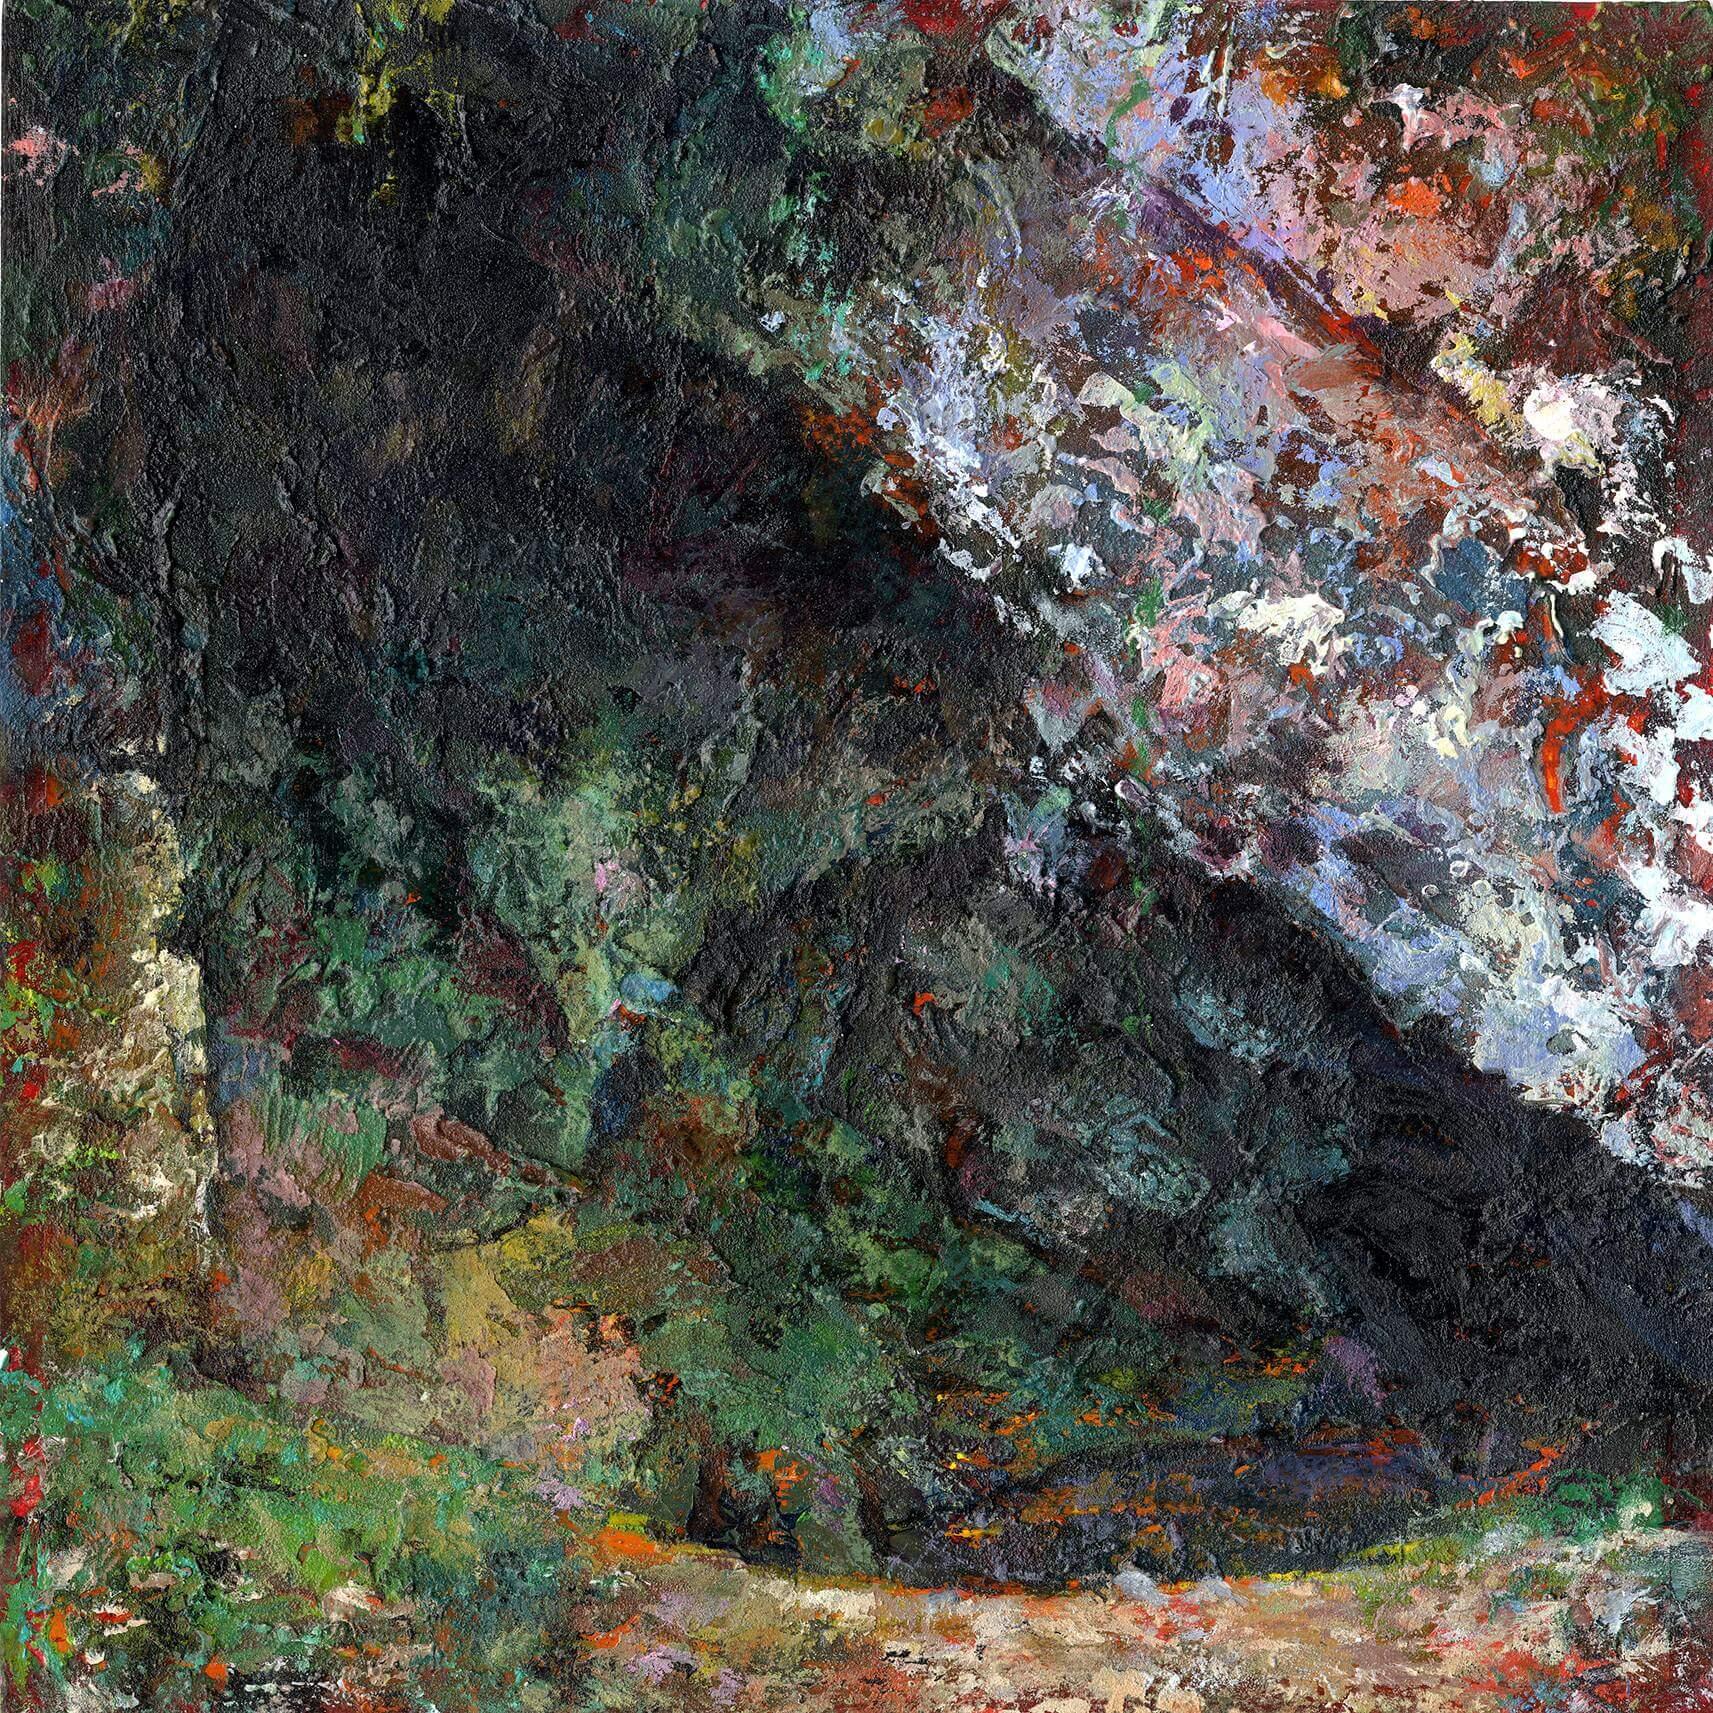 'Small Cave Entrance' Mells